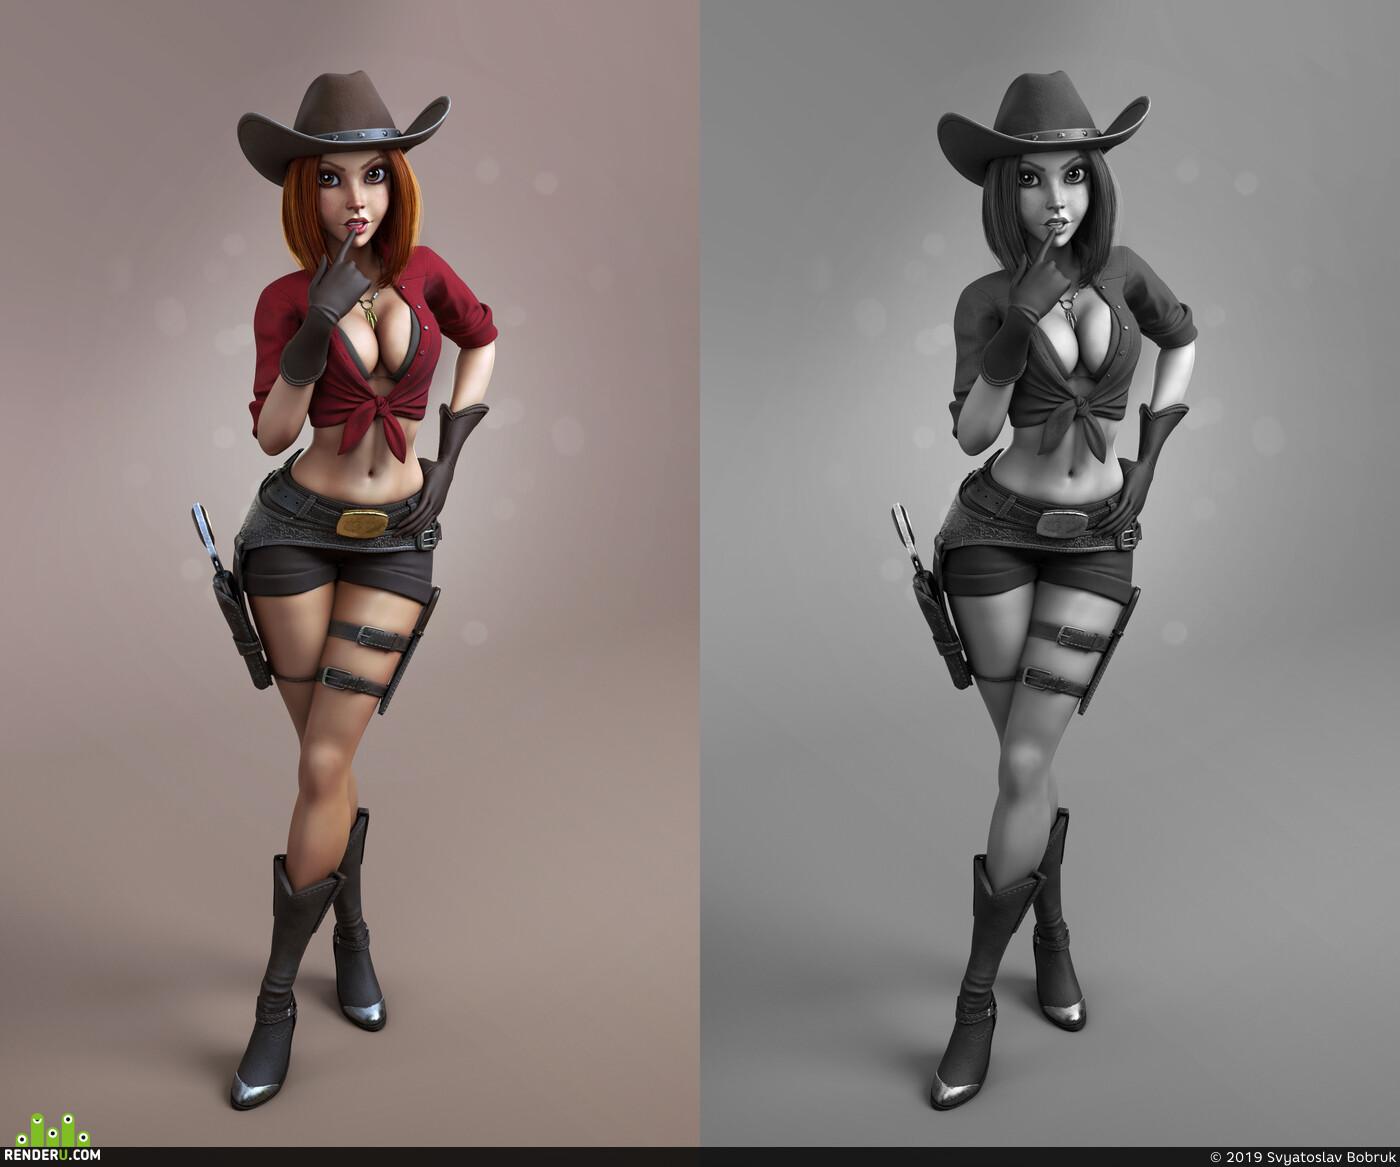 stylized, stylizedart, Cartoon, cartooncharacter, cgi, cowgirl, 3dcharacter